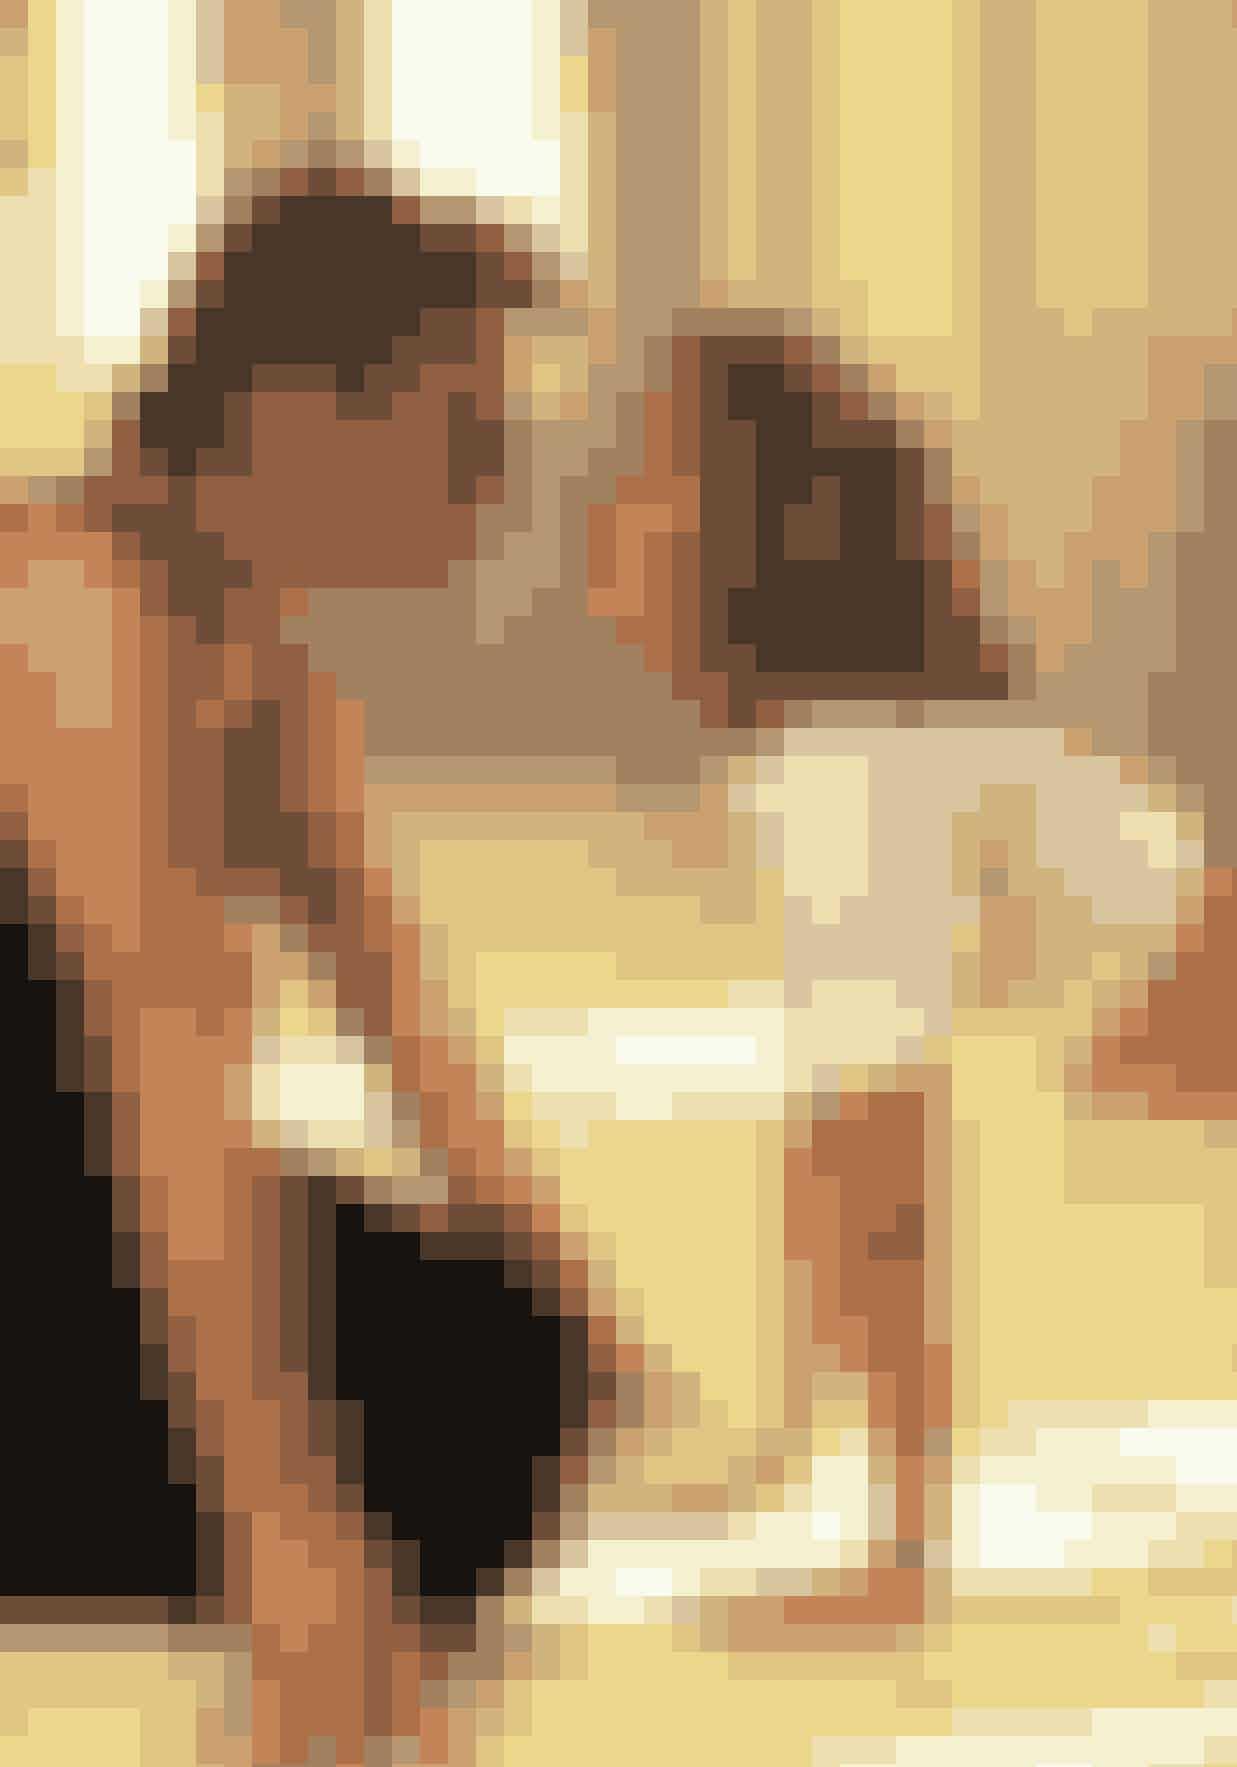 Jennifer Grey og Patrick Swayze – Dirty DancingDirty Dancing er en af de mest ikoniske dansefilm, men Patrick Swayze, der spillede Johnny, var tilsyneladende ikke helt vild med Baby i virkeligheden. Swayze har bekræftet, at han slet ikke brød sig om Greys måde at arbejde på. Han mente nemlig, at hun ikke tog arbejdet seriøst nok, hvilket, ifølge Swayze, førte til at de måtte tage mange scener om. Swayze har også kritiseret Grey for at være alt for følsom og ude af stand til at tage imod kritik.